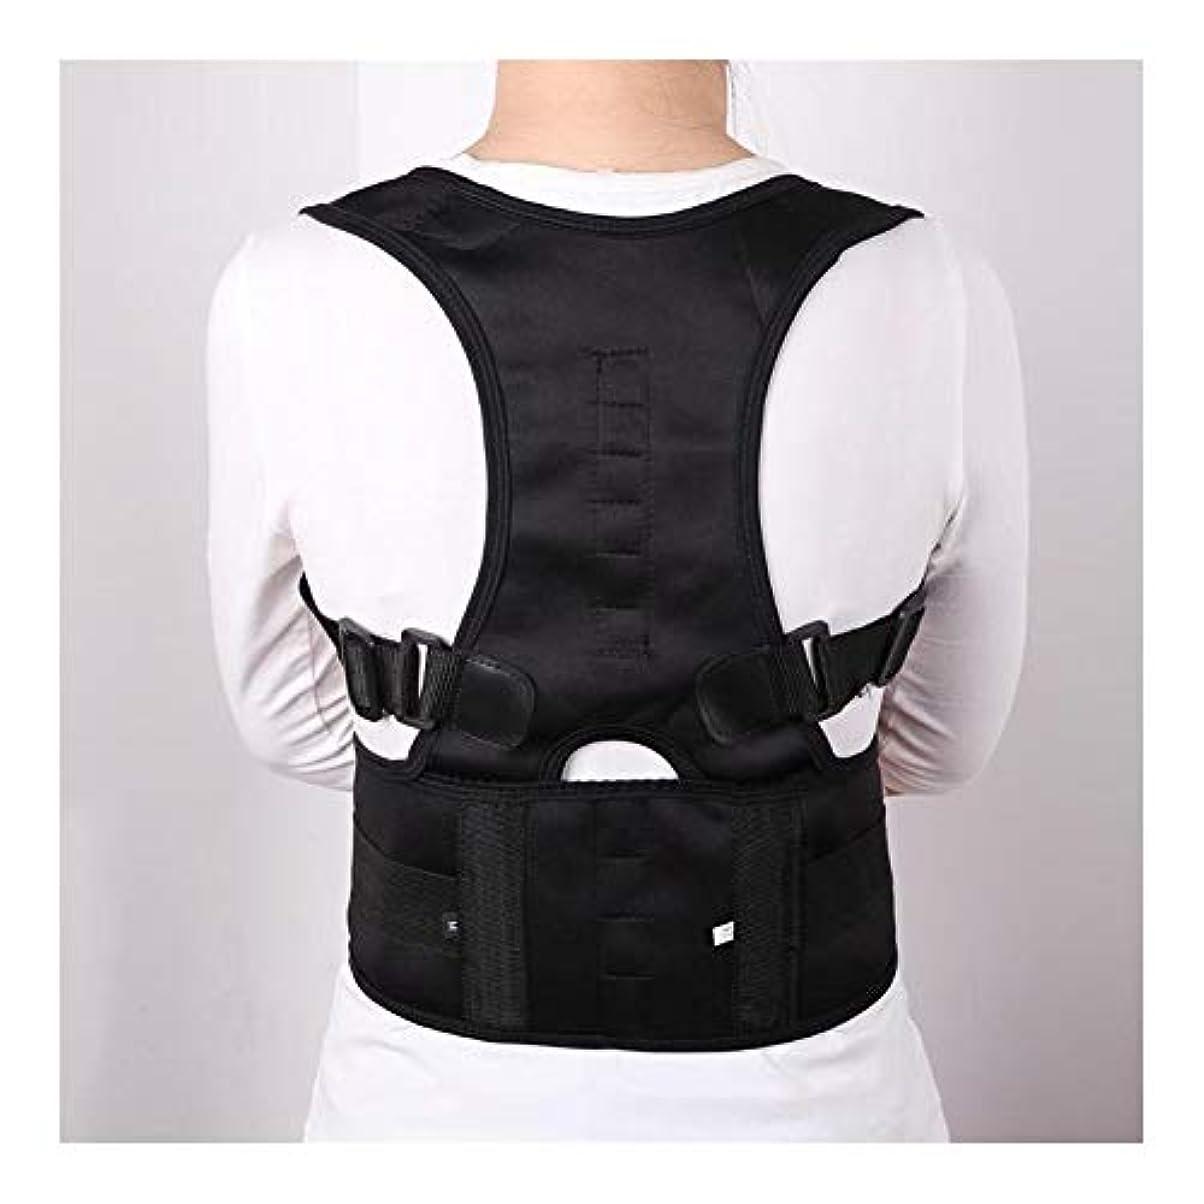 ベース値下げ上がる姿勢補正器女性男性背中と首の痛みリリーフ鎖骨ブレース調節可能な姿勢バックブレース付きの快適で効果的なショルダートレーナー B830 (Color : Black, Size : XXL)